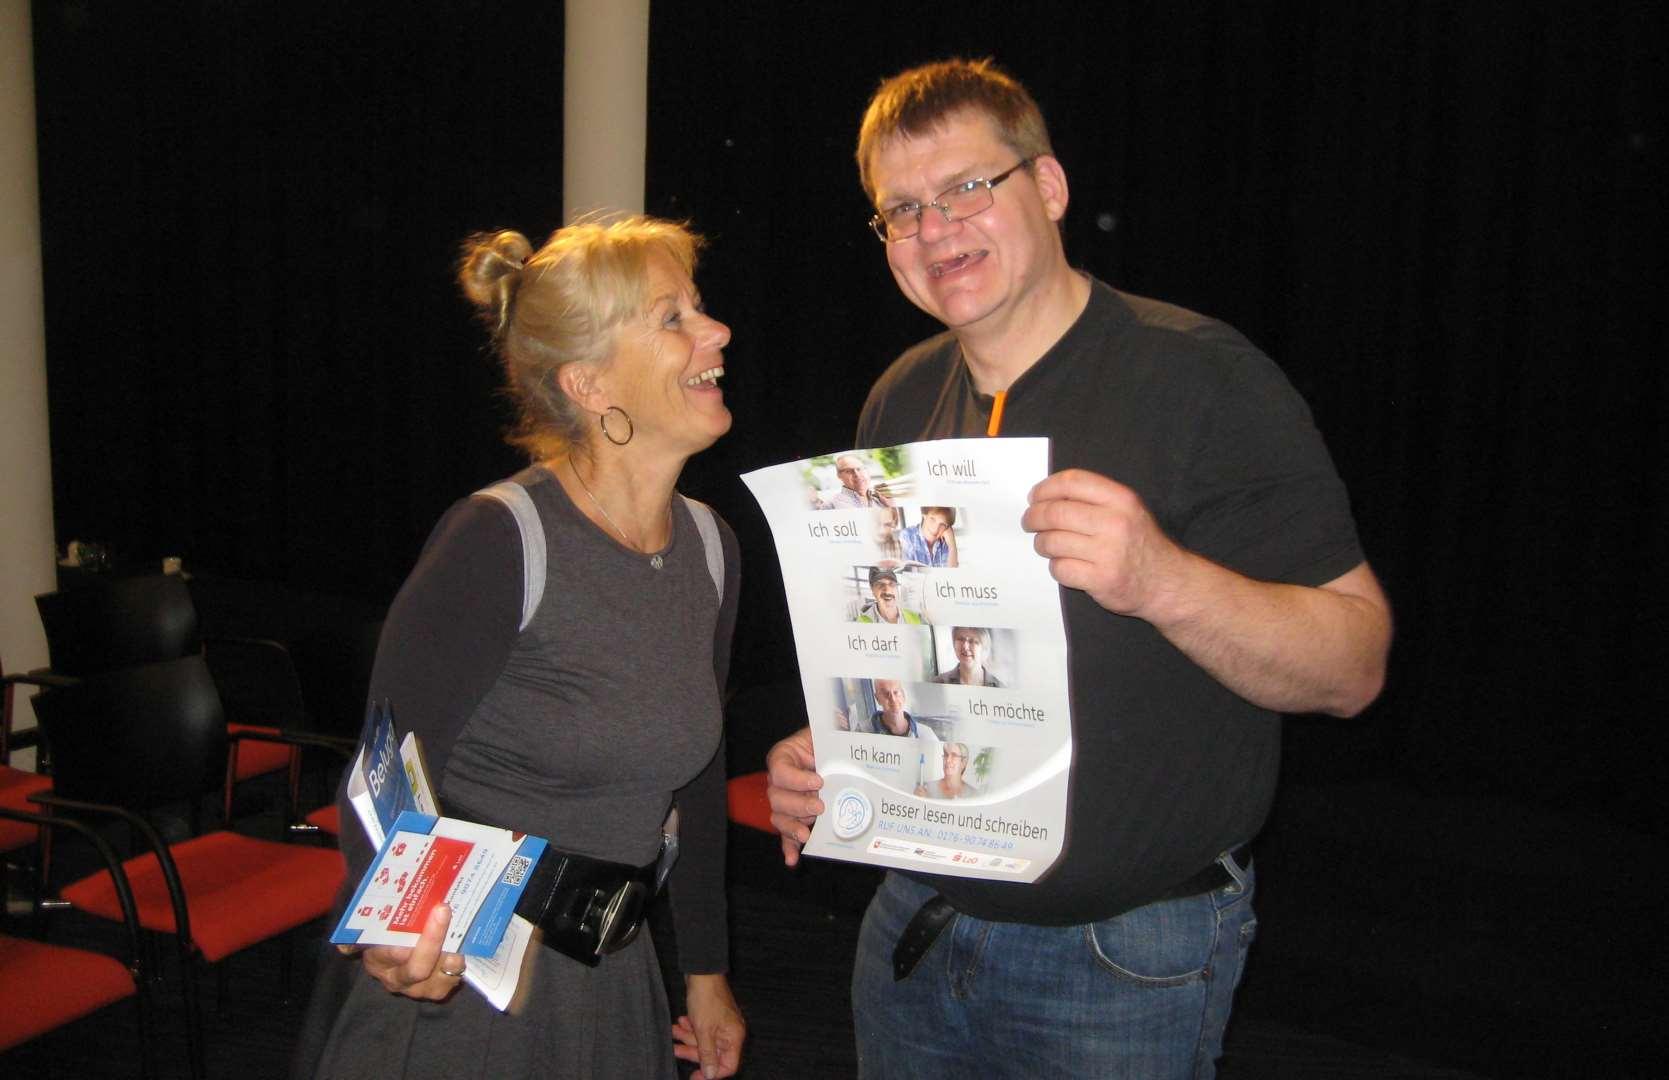 Lernbegleiterin Yvonne Simon-Nillesen aus Den Helder, Provinz Nordholland mit Lars Oeltjendiers von der ABC-Selbsthilfegruppe